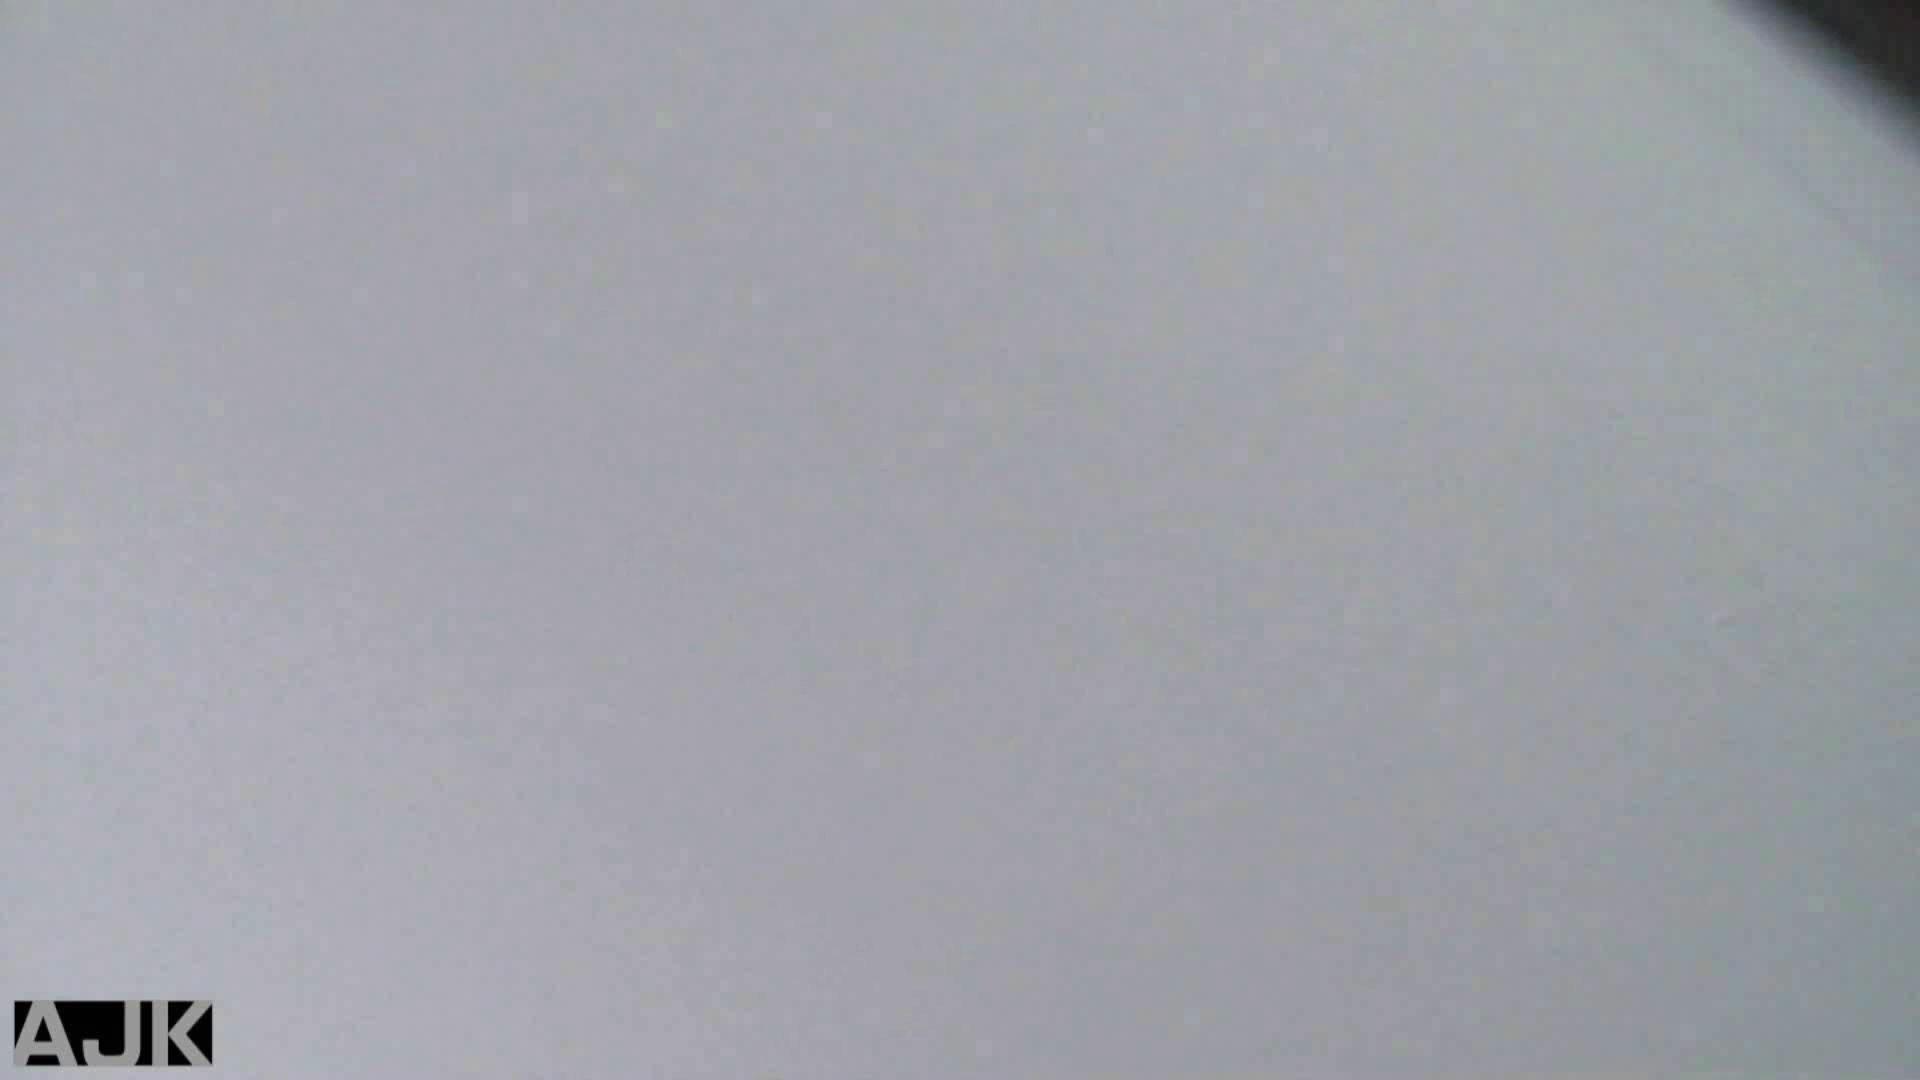 隣国上階級エリアの令嬢たちが集うデパートお手洗い Vol.25 便所 おまんこ無修正動画無料 105画像 19